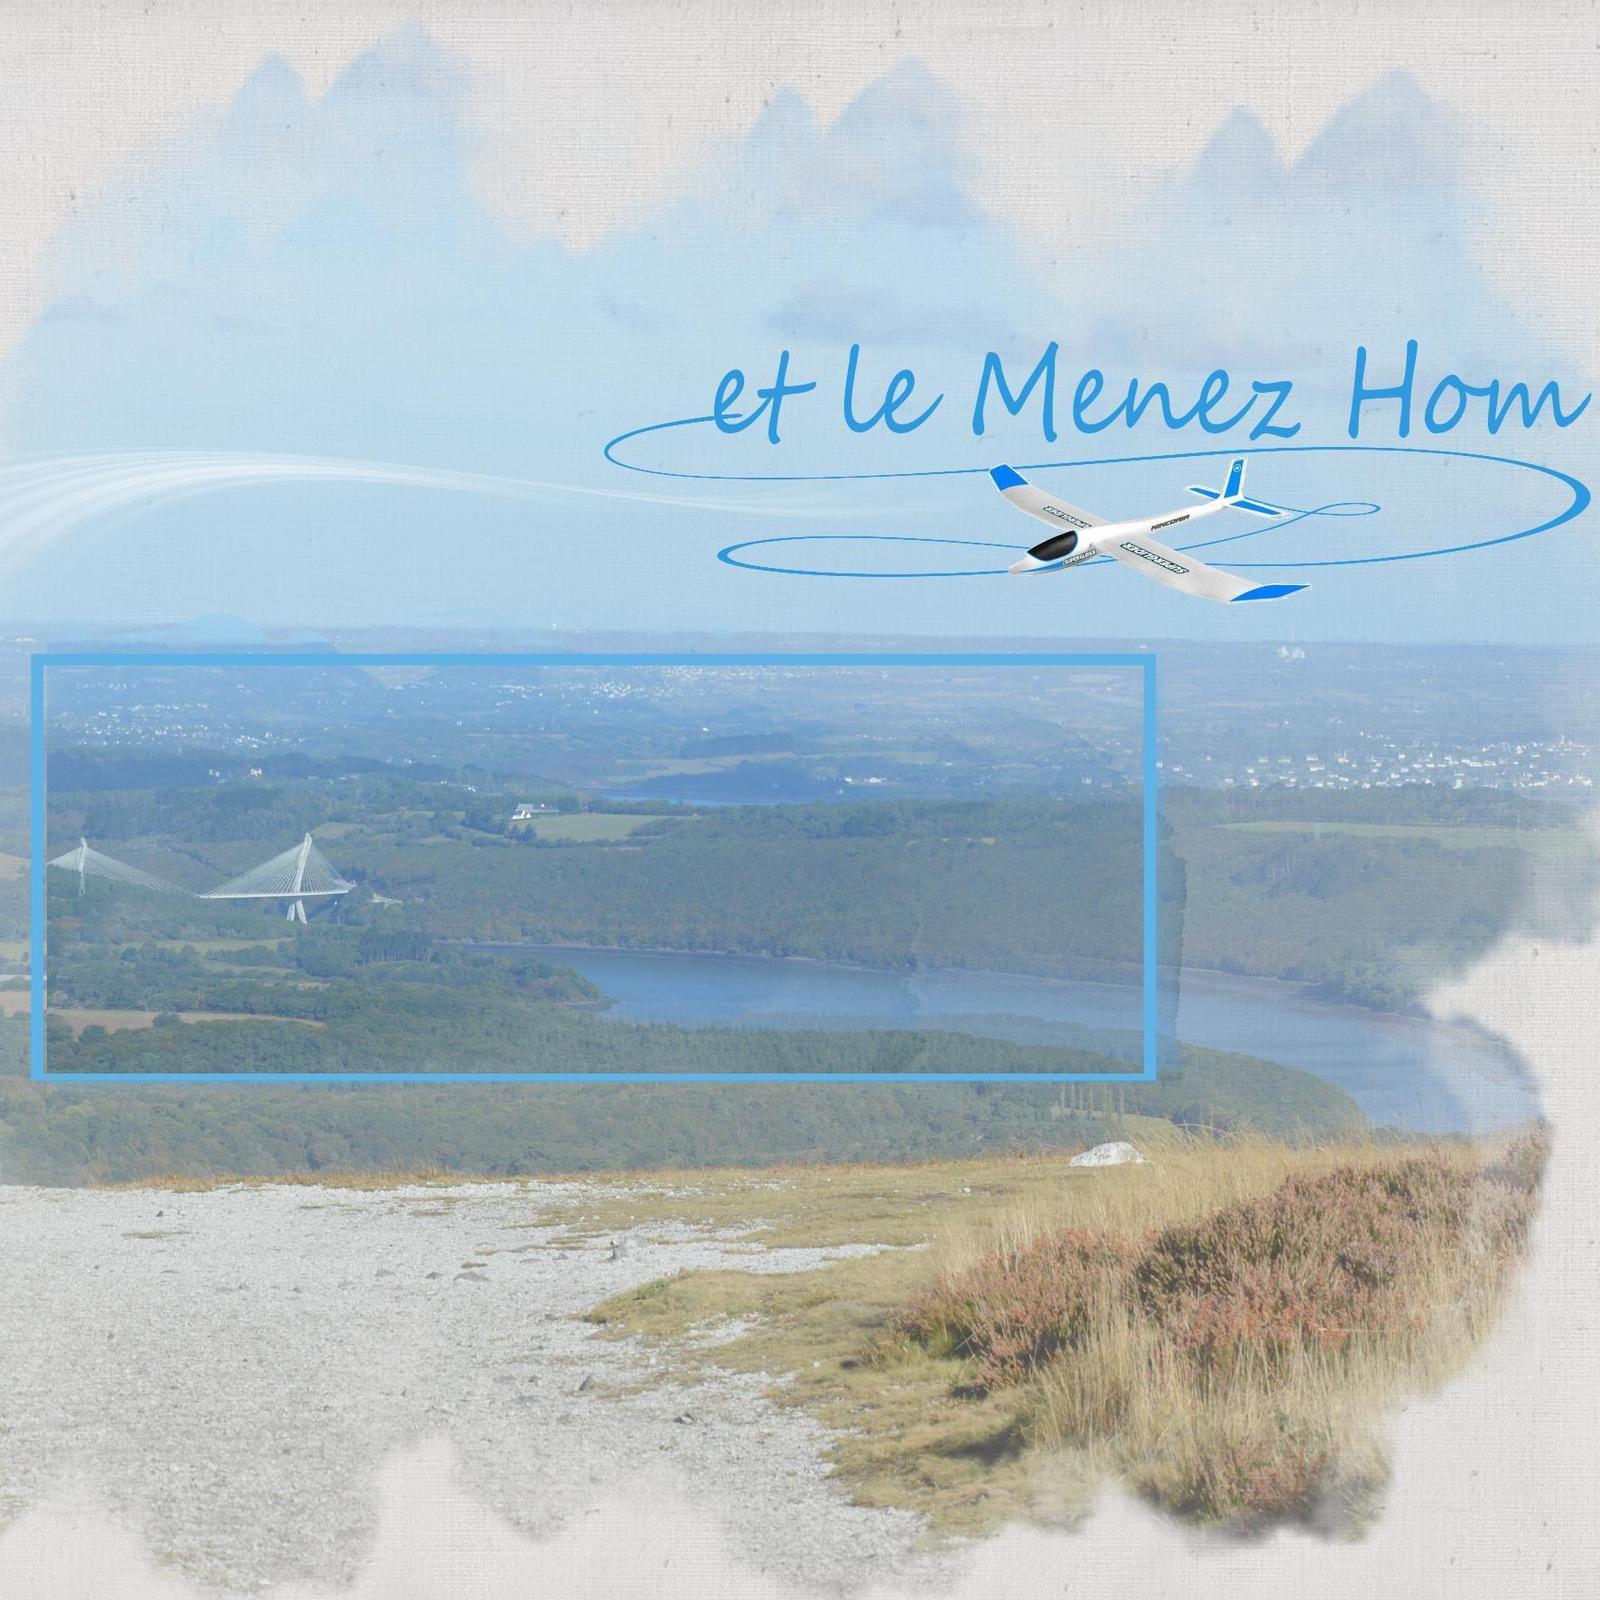 Menez-Hom